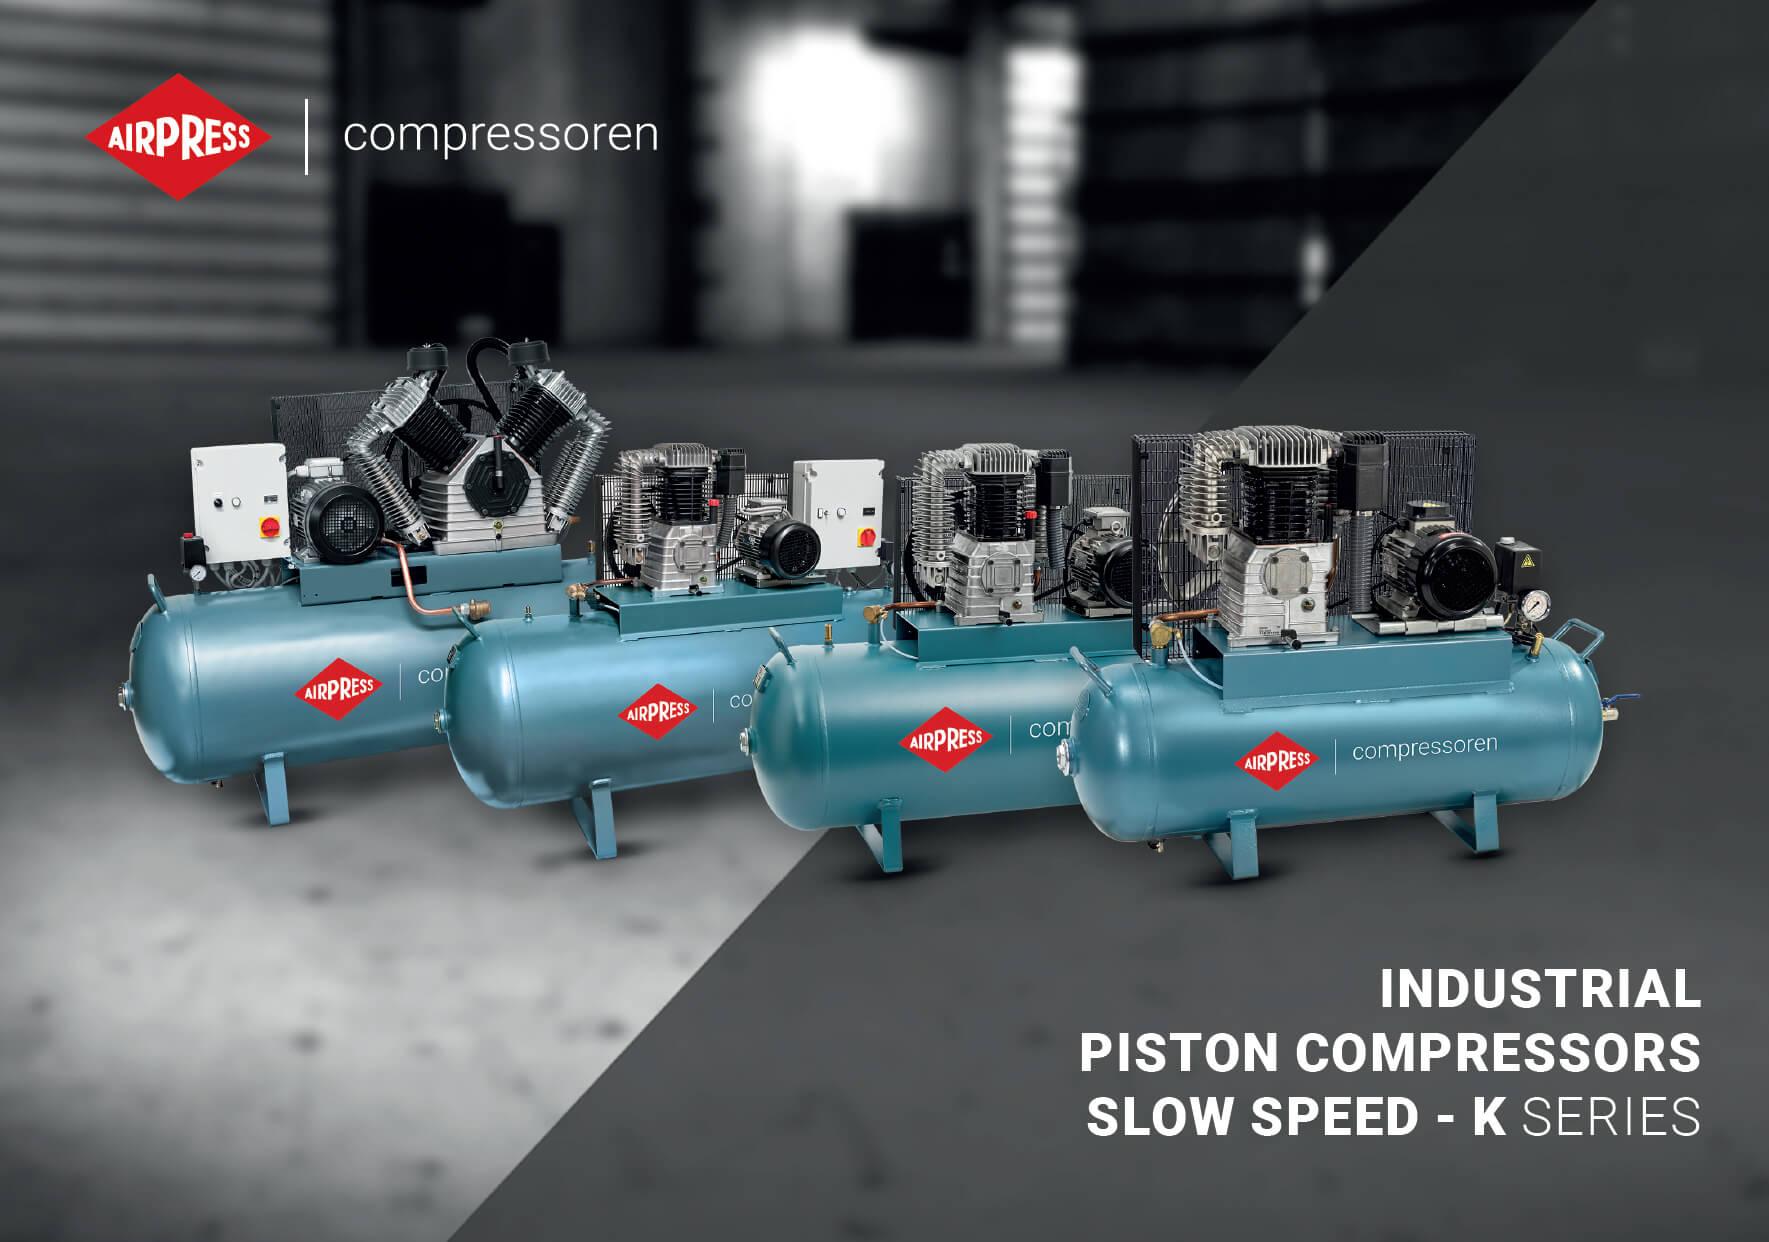 Kolbenkompressoren der K-Serie